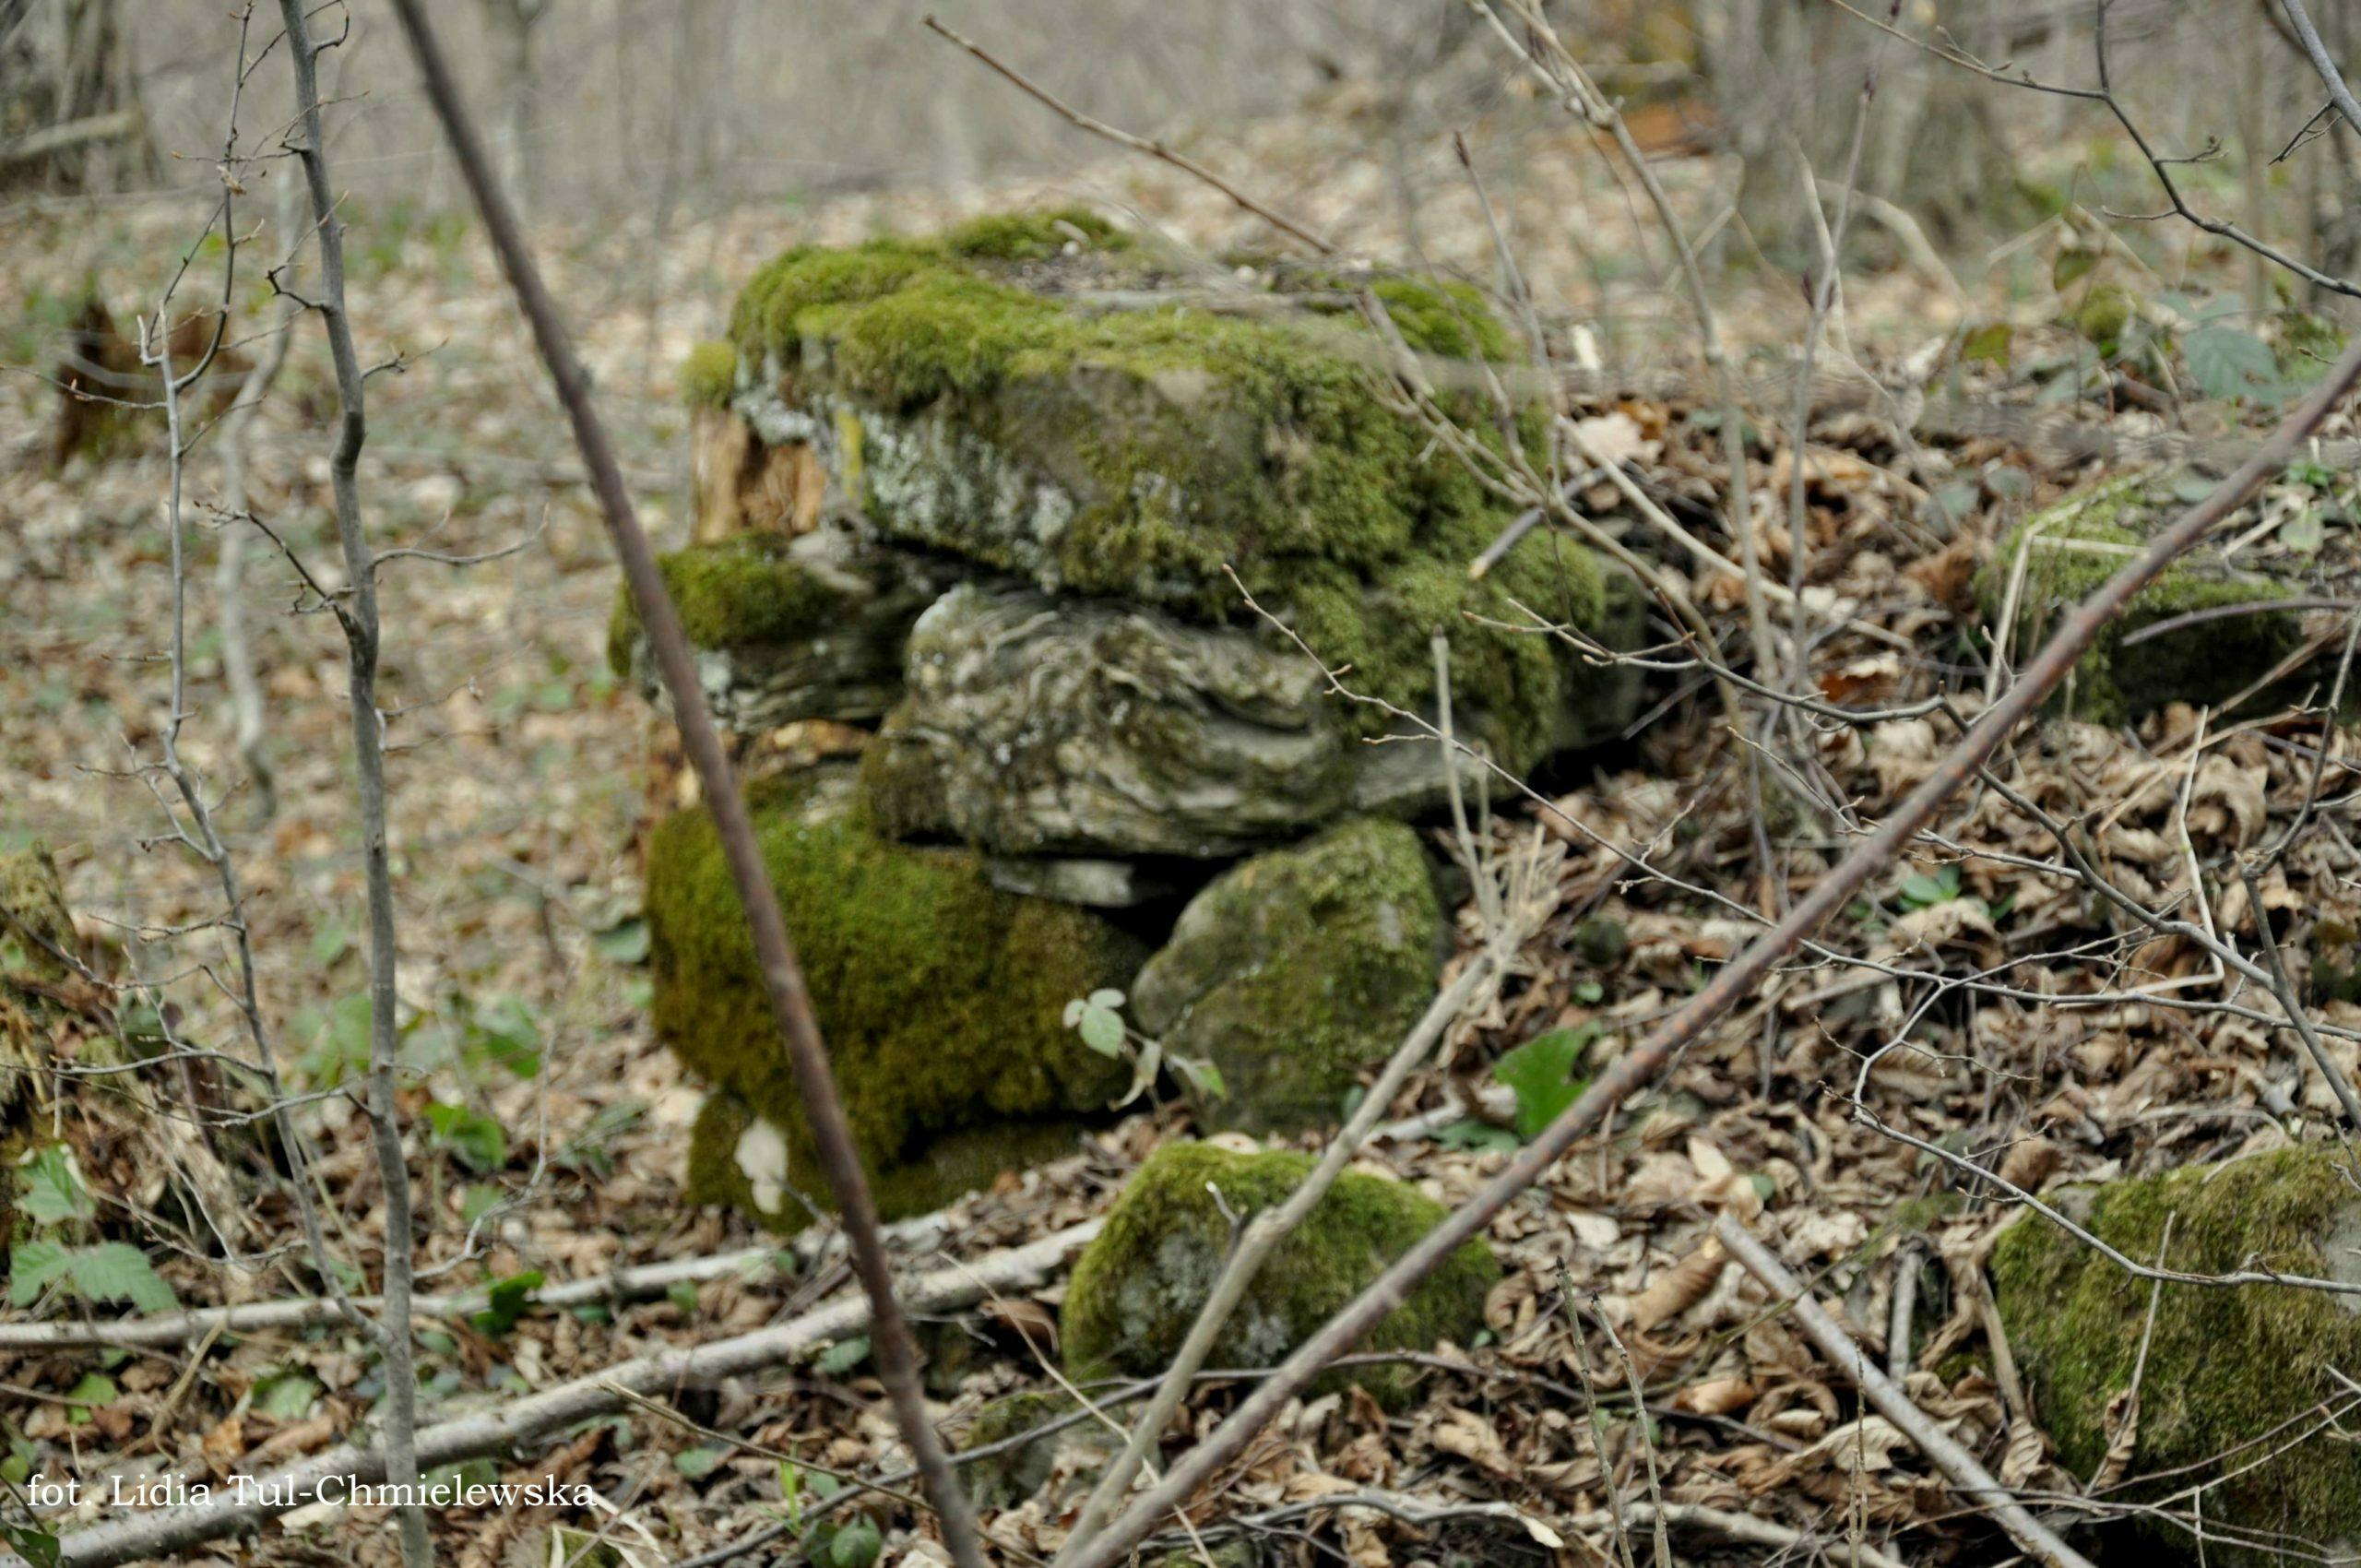 Pozostałości po wsiach fot. Lidia Tul-Chmielewska